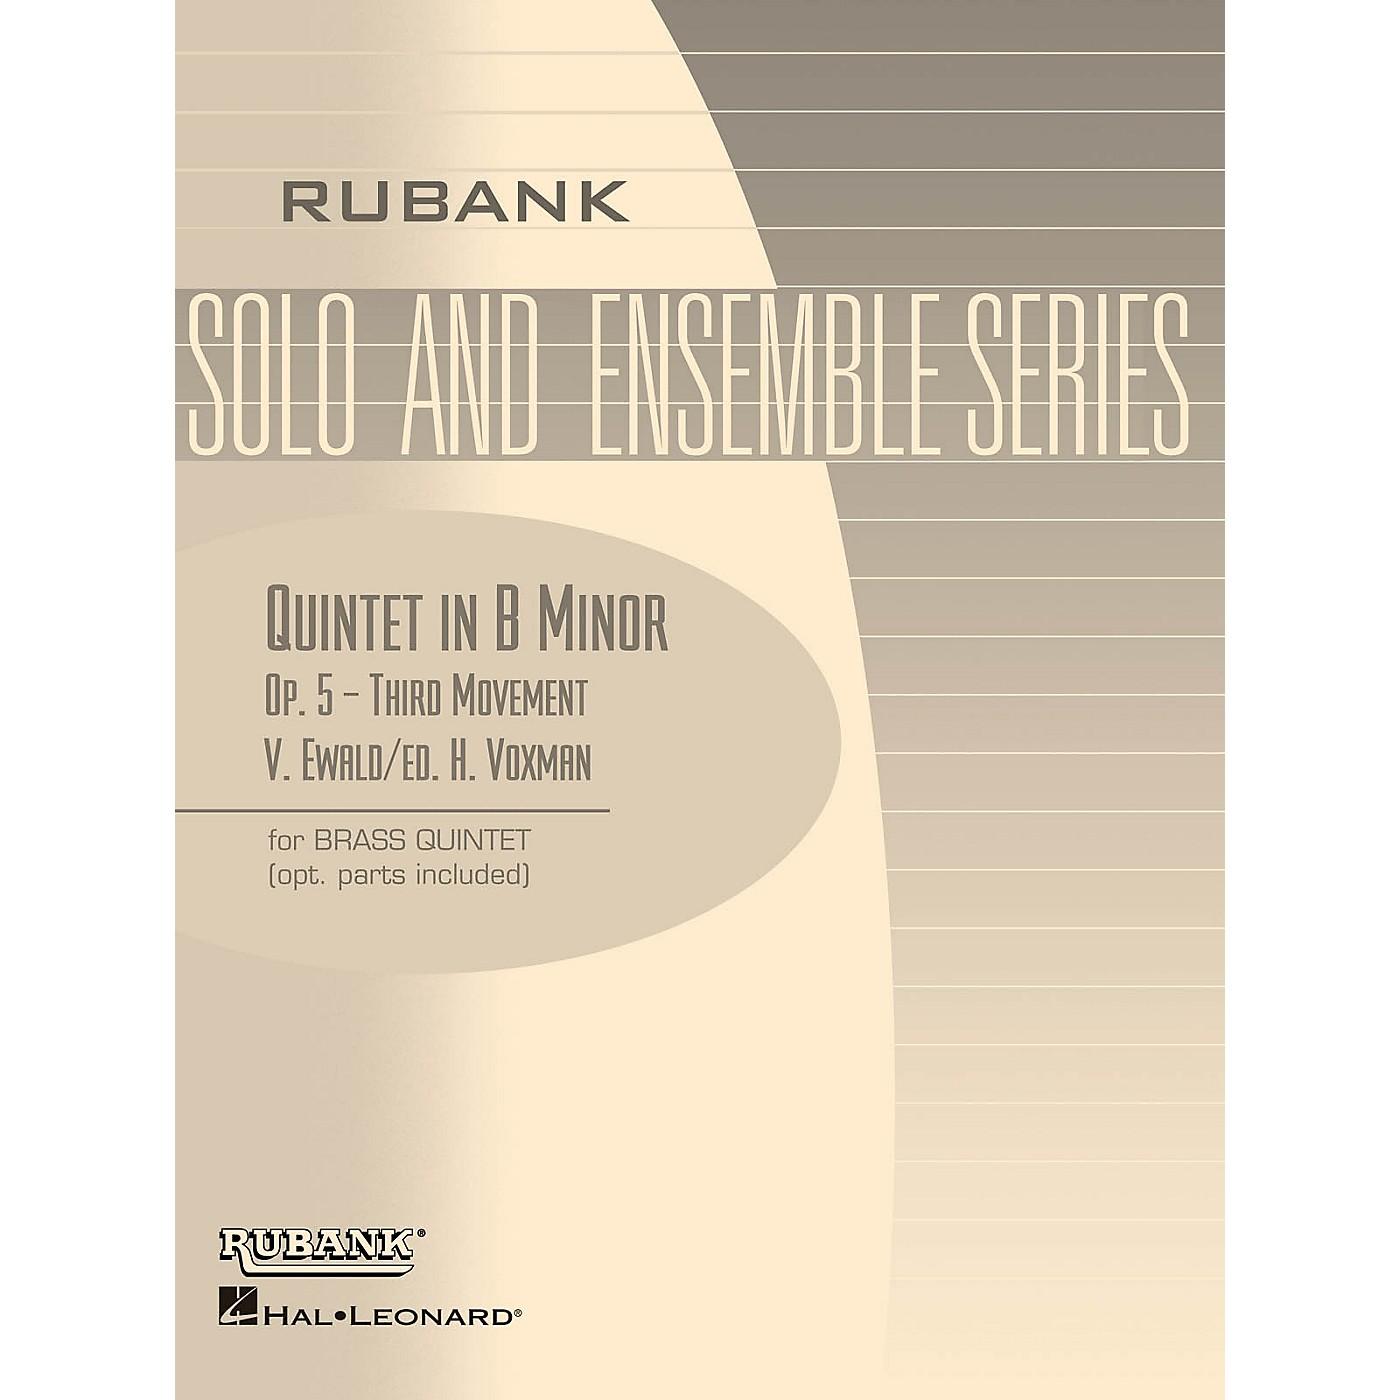 Rubank Publications Quintet in B Minor, Op. 5 - Third Movement (Brass Quintet - Grade 5) Rubank Solo/Ensemble Sheet Series thumbnail